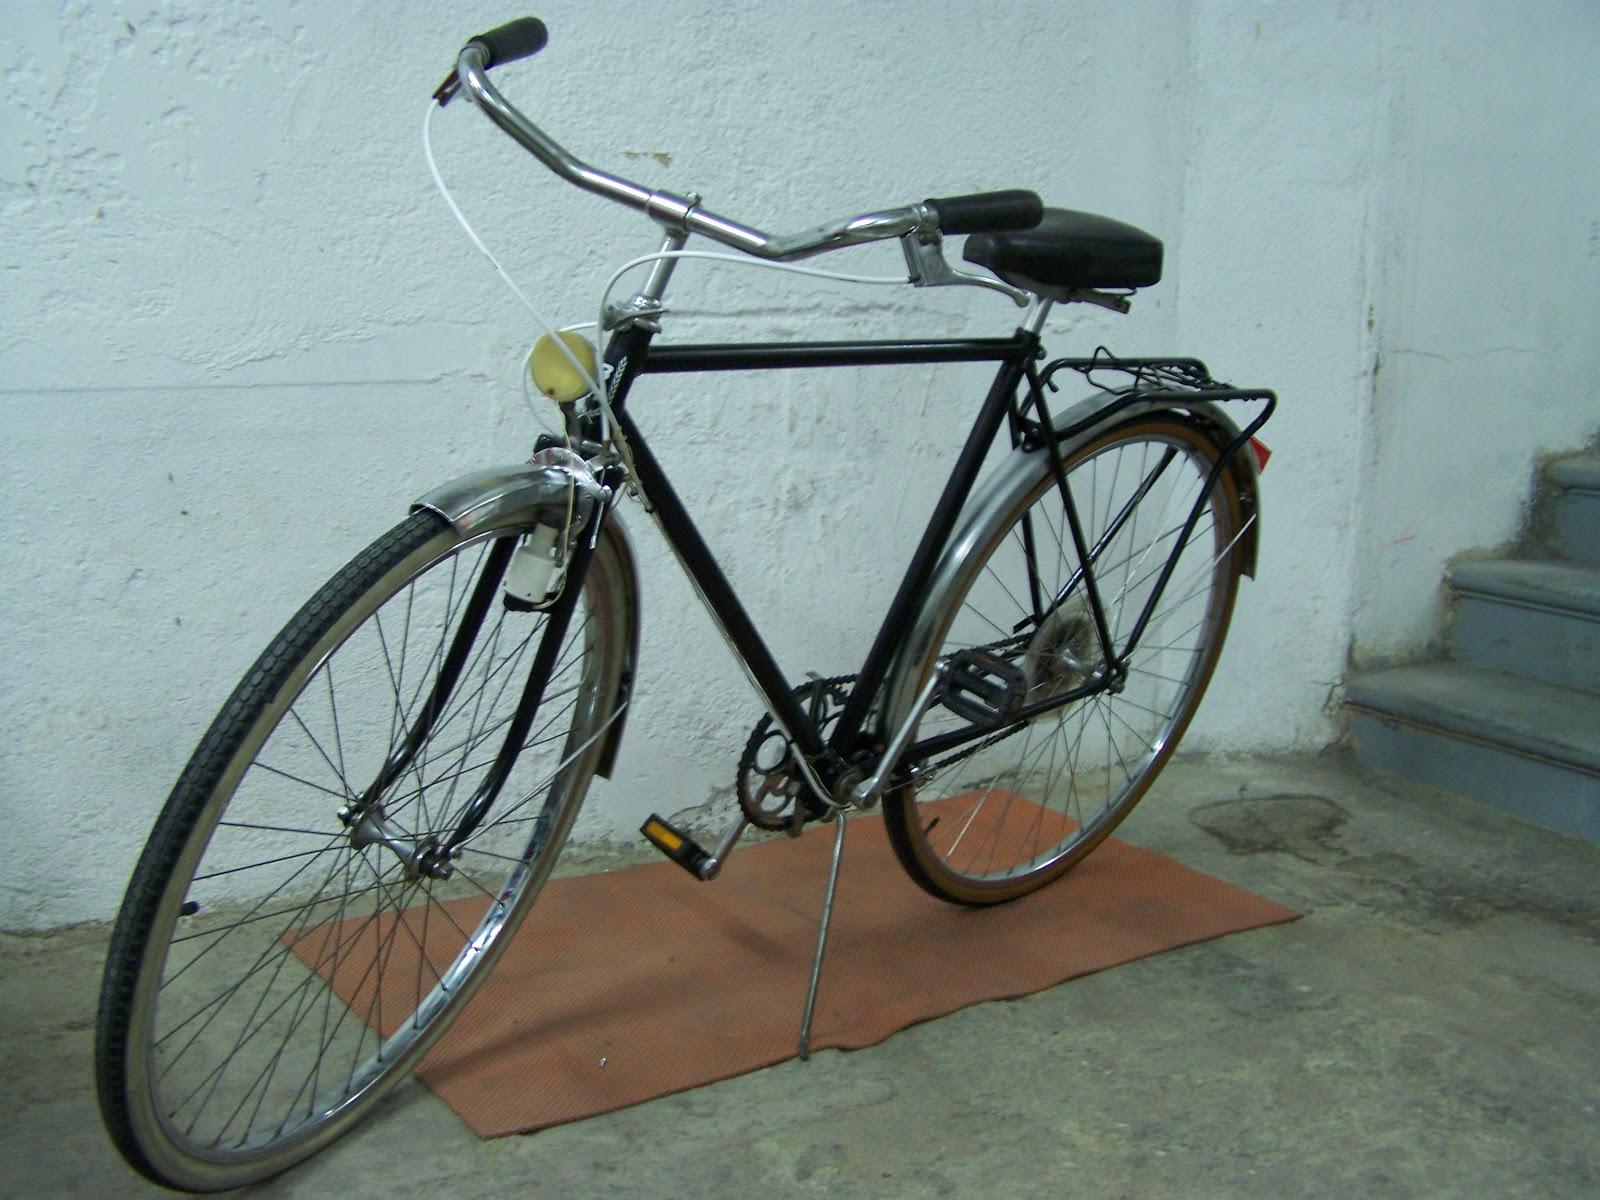 Modelos bicletas BH  (catalogo virtual) 100_8477